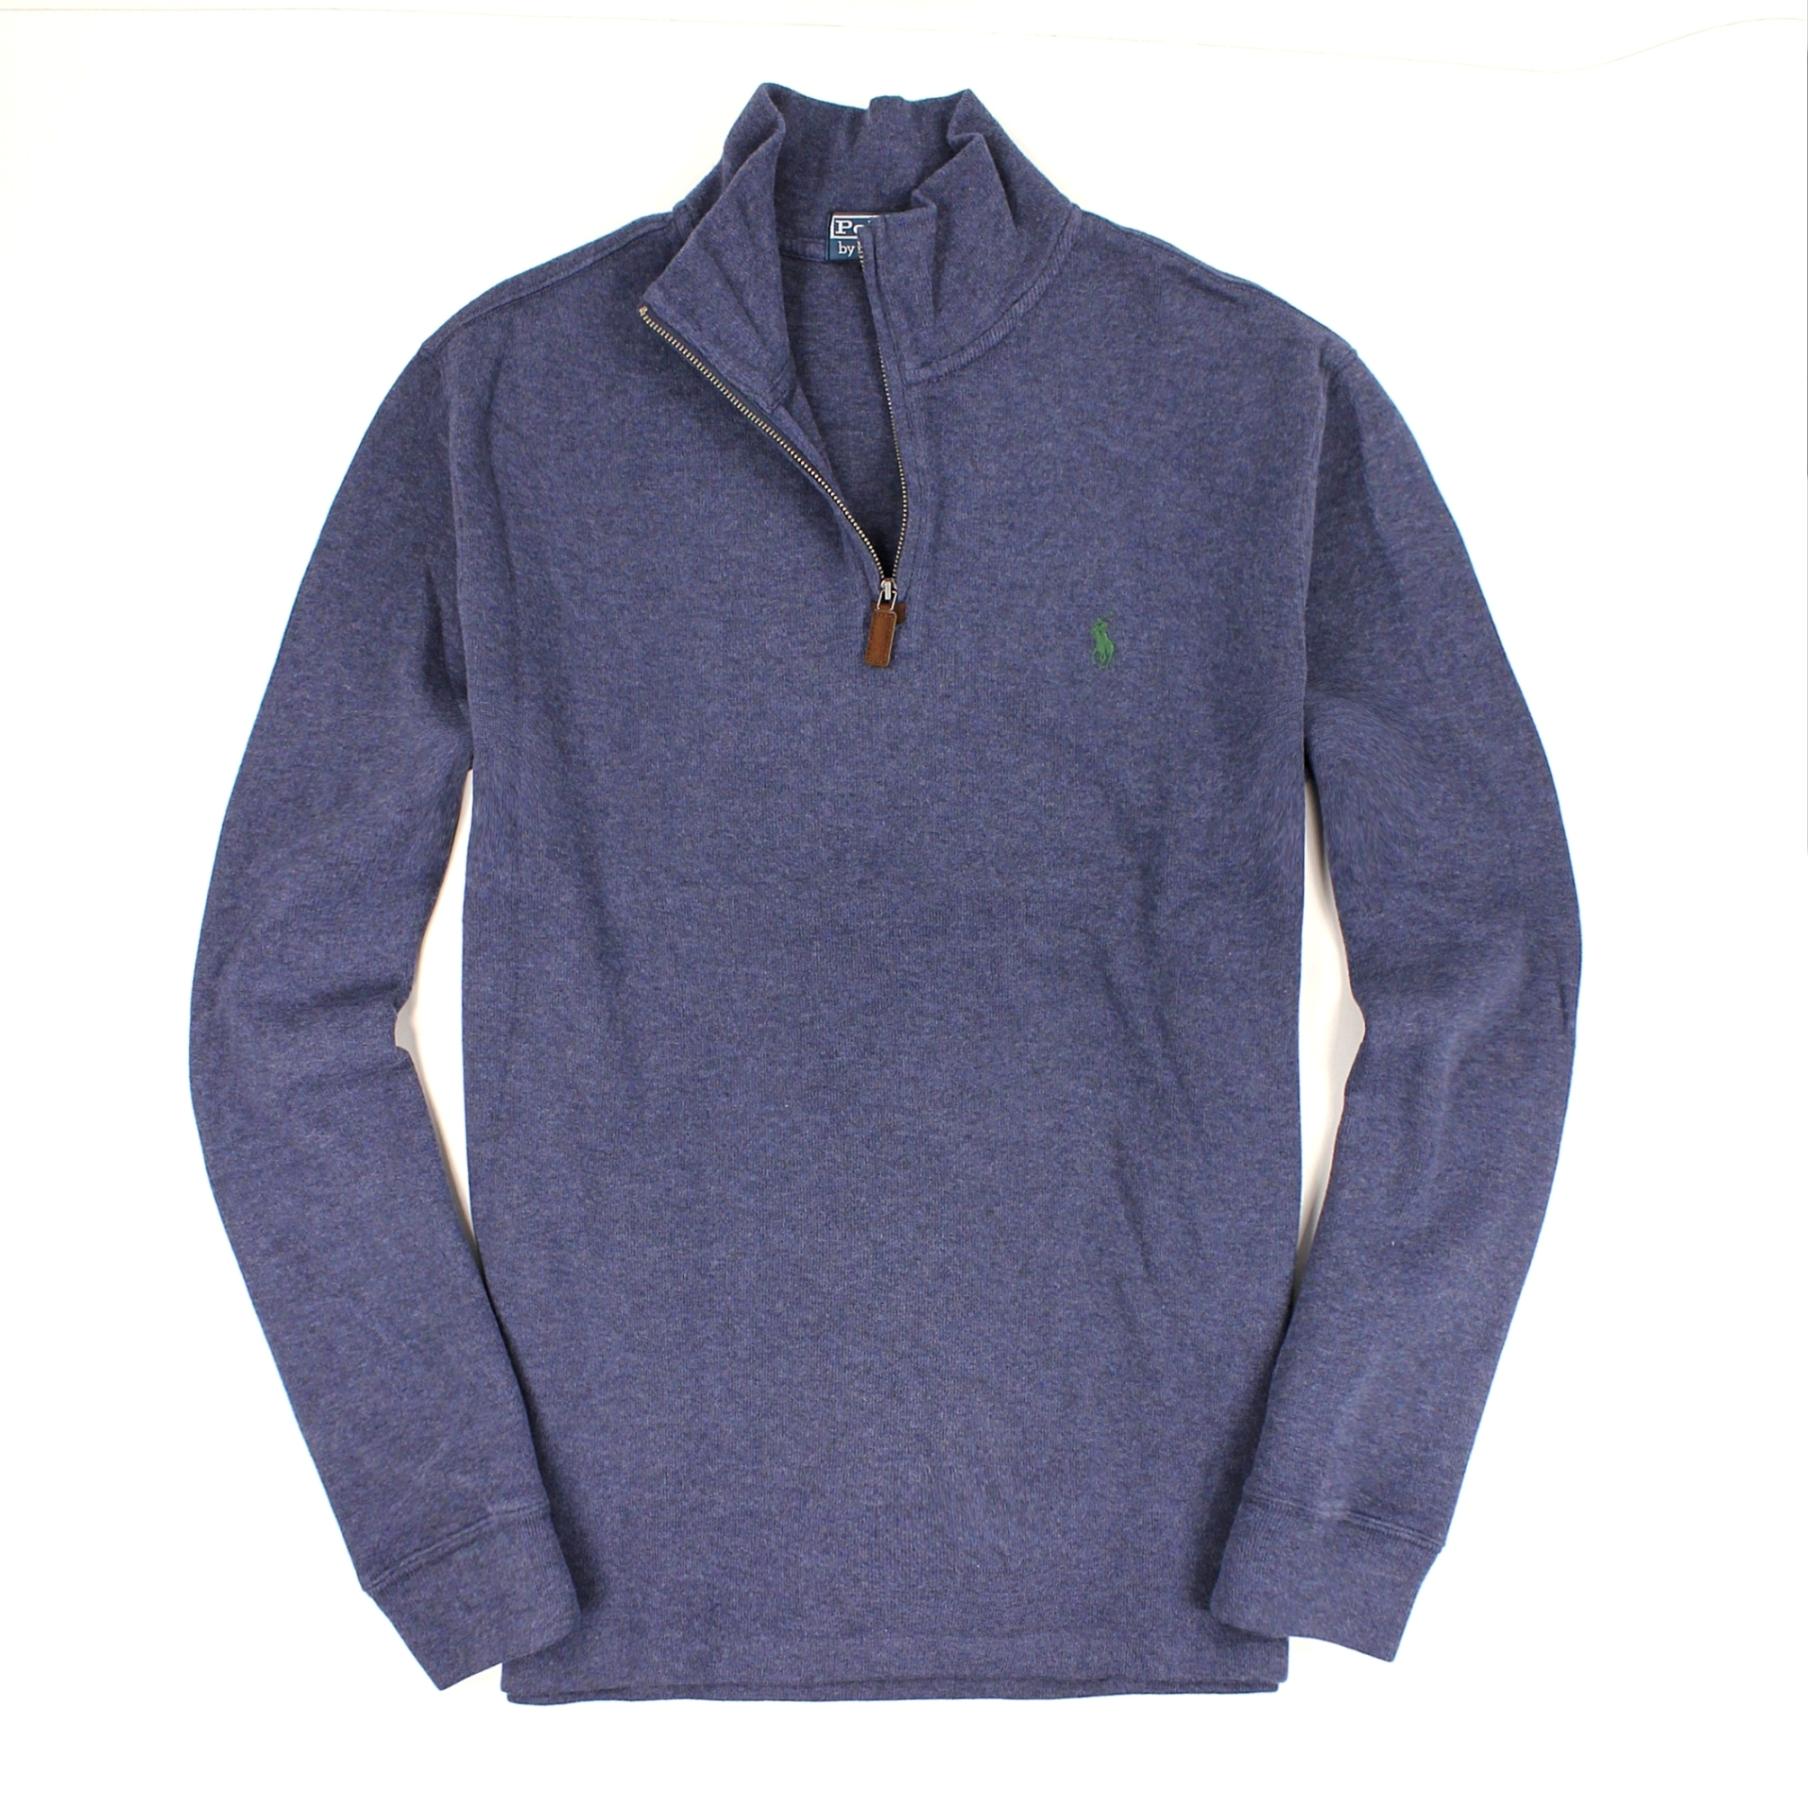 美國百分百【全新真品】Ralph Lauren 針織衫 RL 棉質毛衣 Polo 小馬 復古藍 半拉 大尺 麂皮 男 XL B027